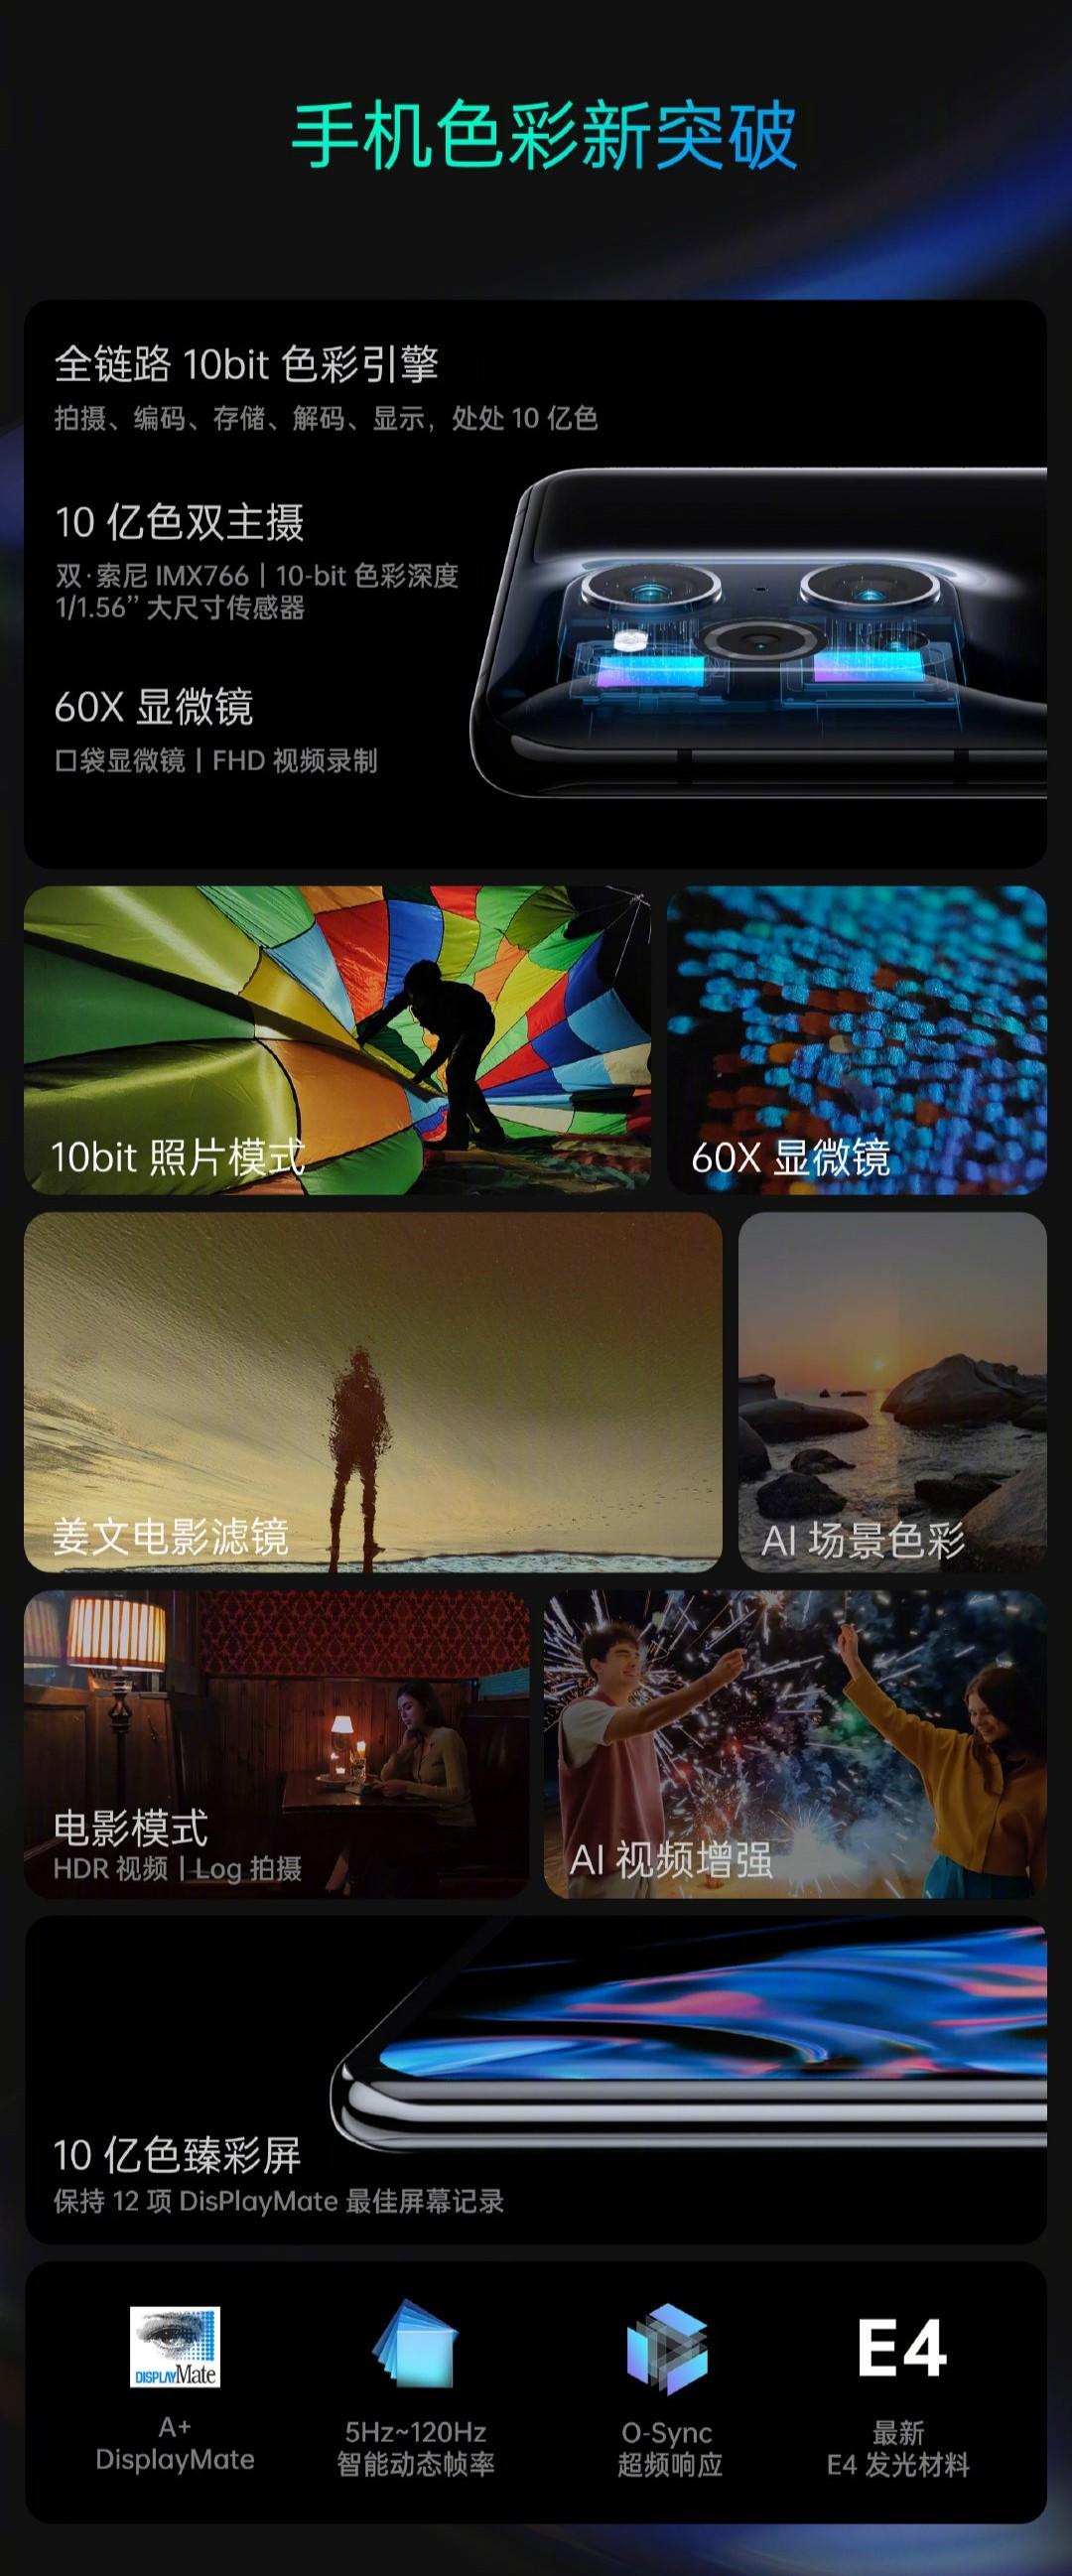 色彩影像旗舰OPPO Find X3系列发布,创新技术让记忆更鲜活插图2